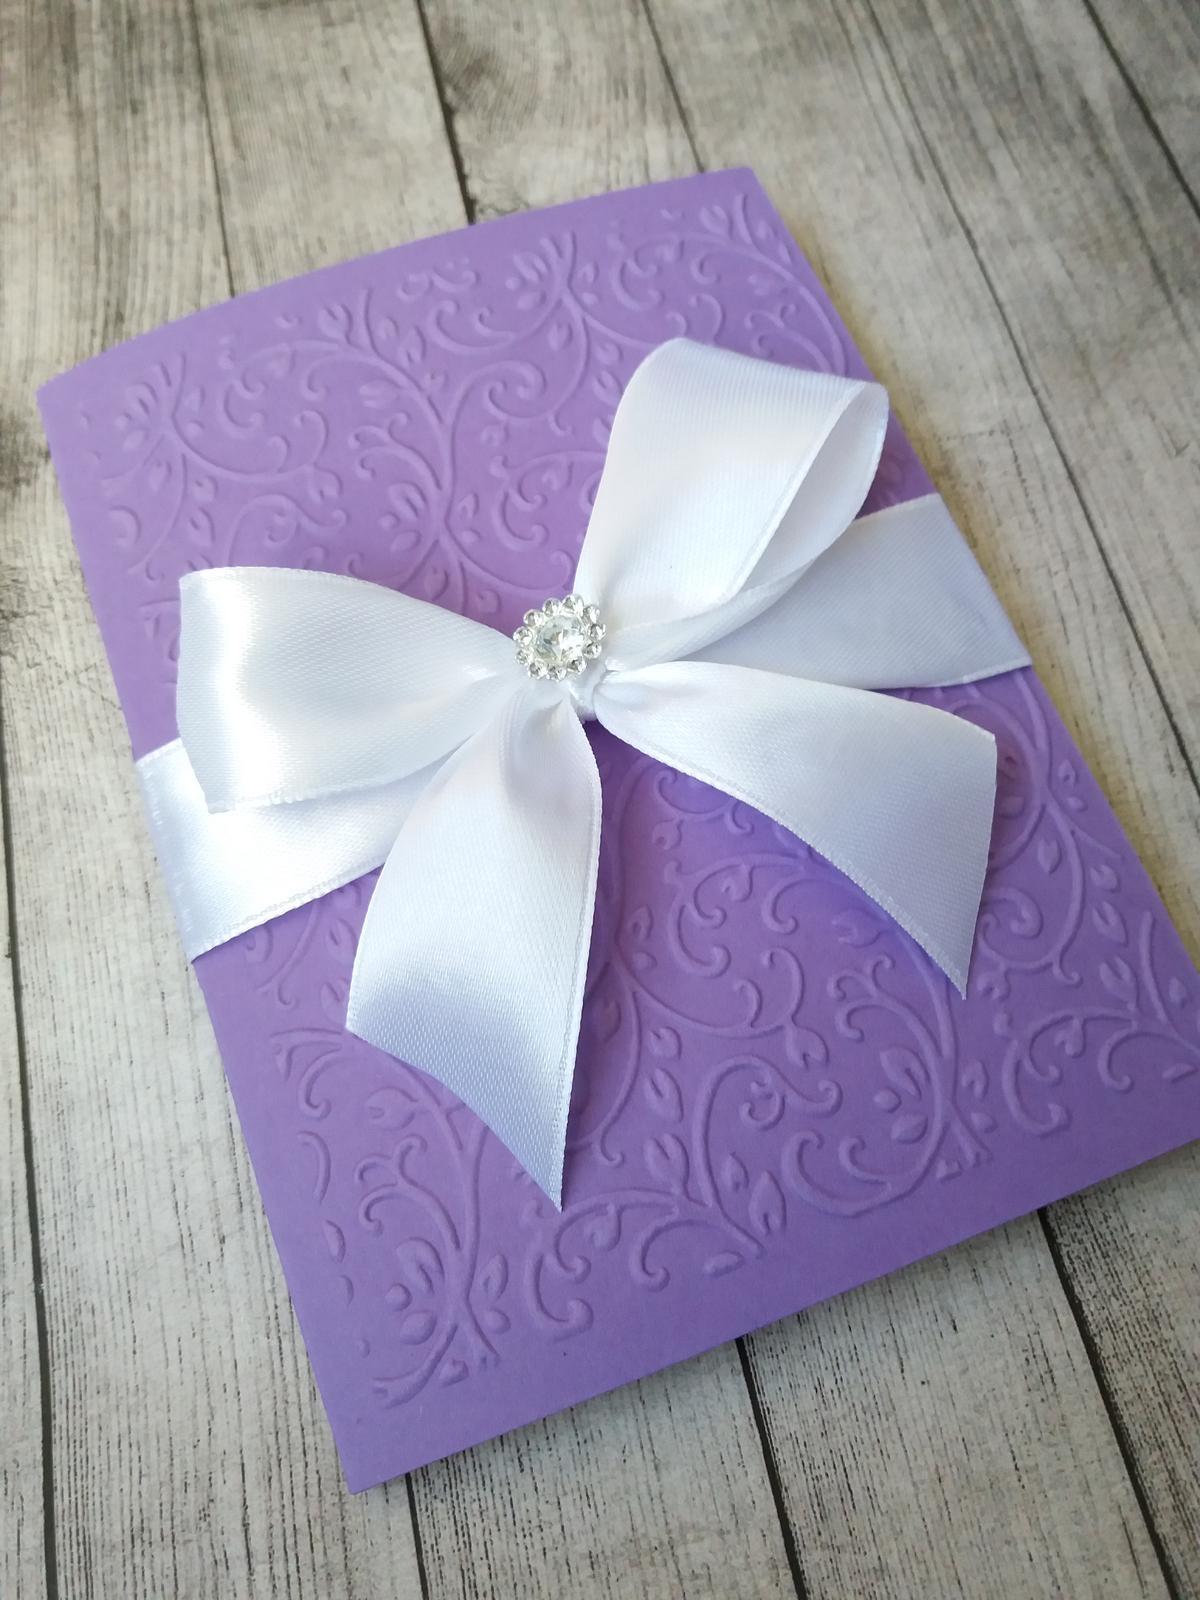 Svatební oznámení 2017 - 33kč +6kč pozvánka ke stolu